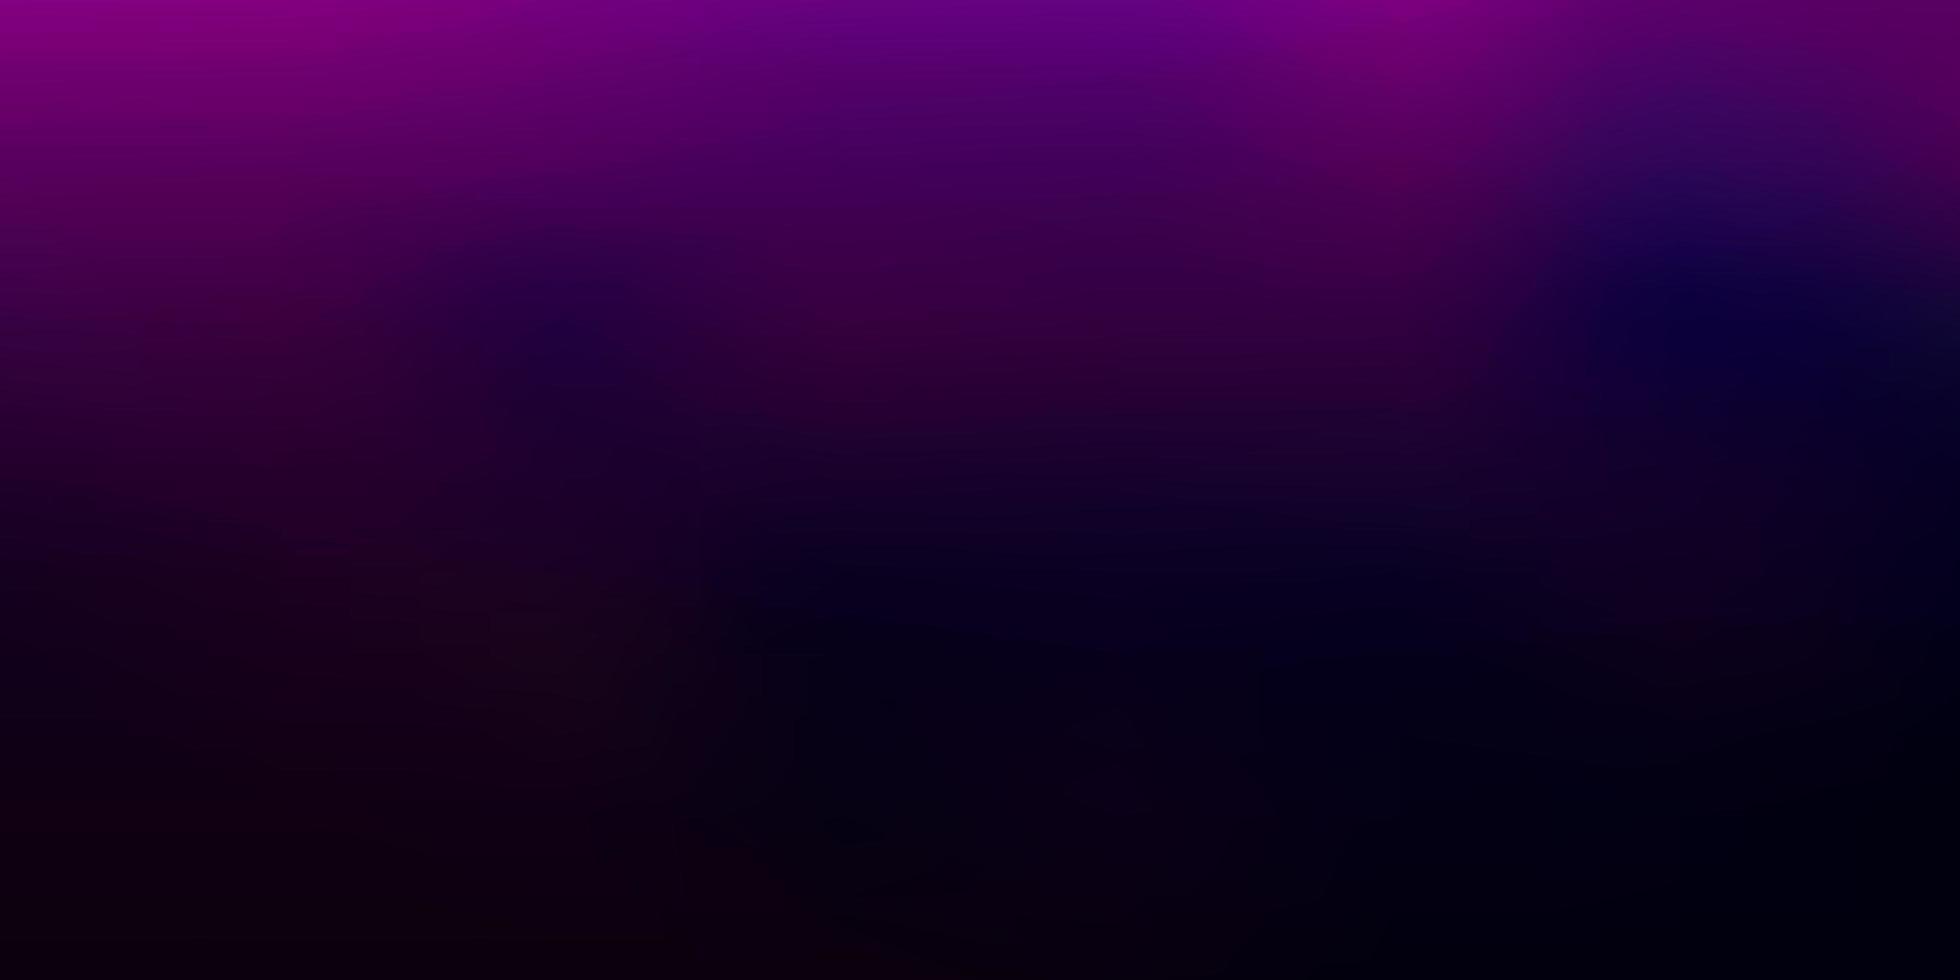 viola chiaro, rosa sfumatura vettoriale sfocatura dello sfondo.